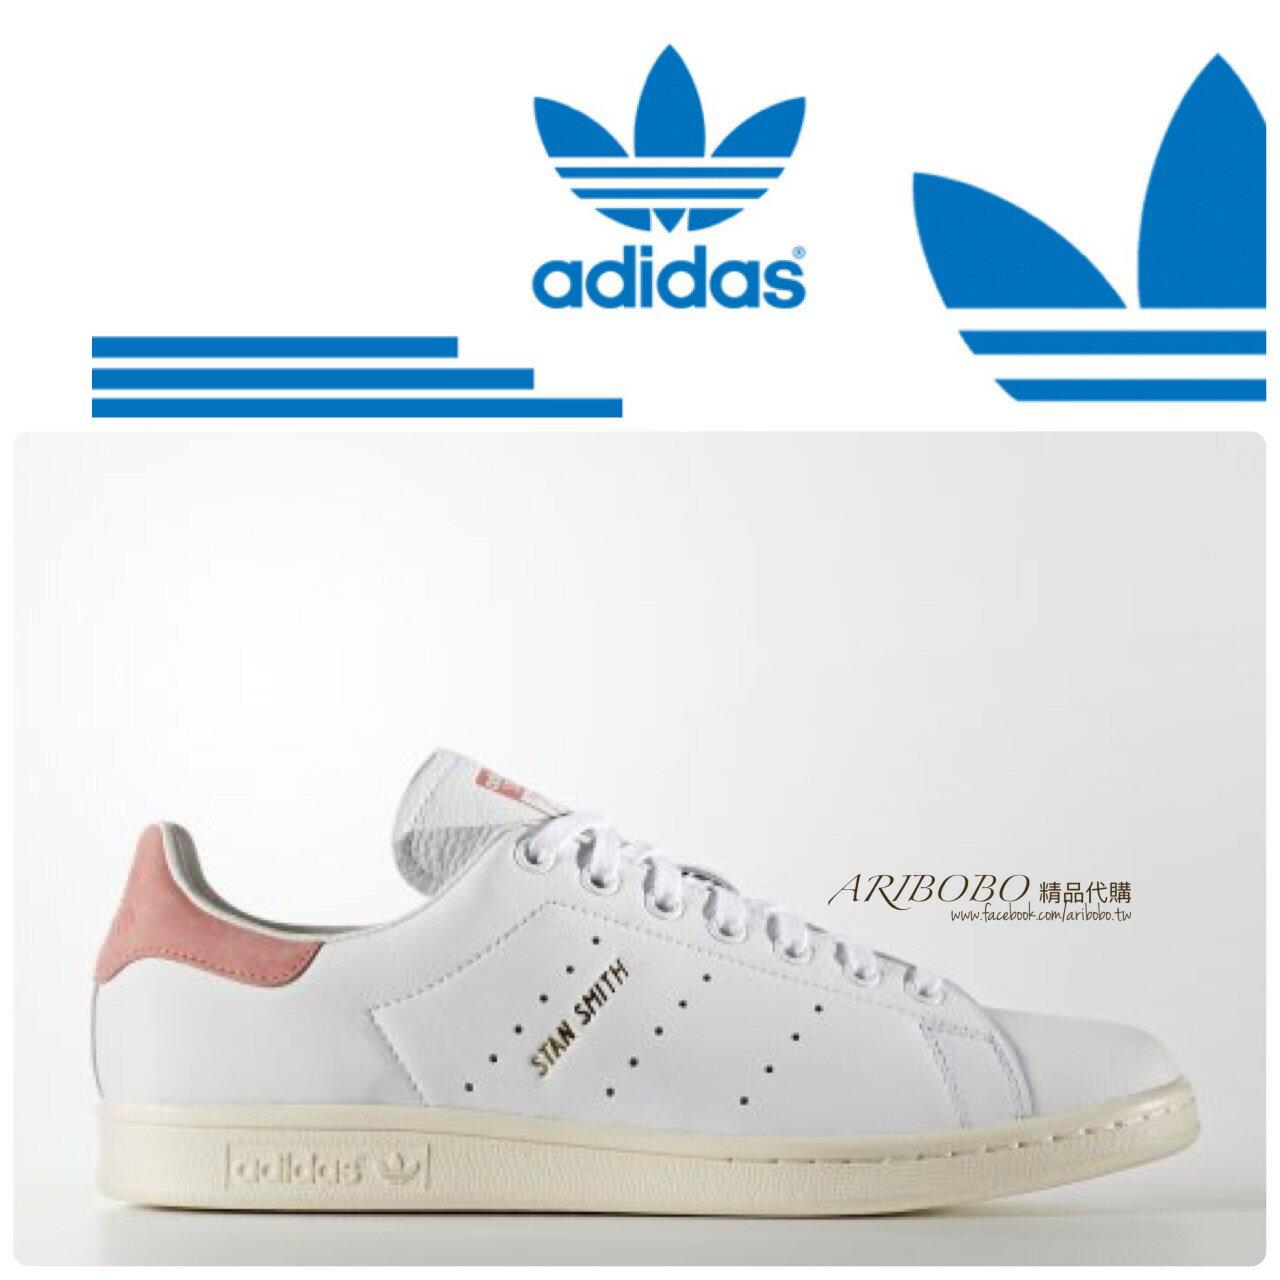 【adidas】愛迪達 Stan Smith X 2016新色 S80024  S80025 S80026(版型偏大,建議小半號唷)精品 代購 艾莉波波 3